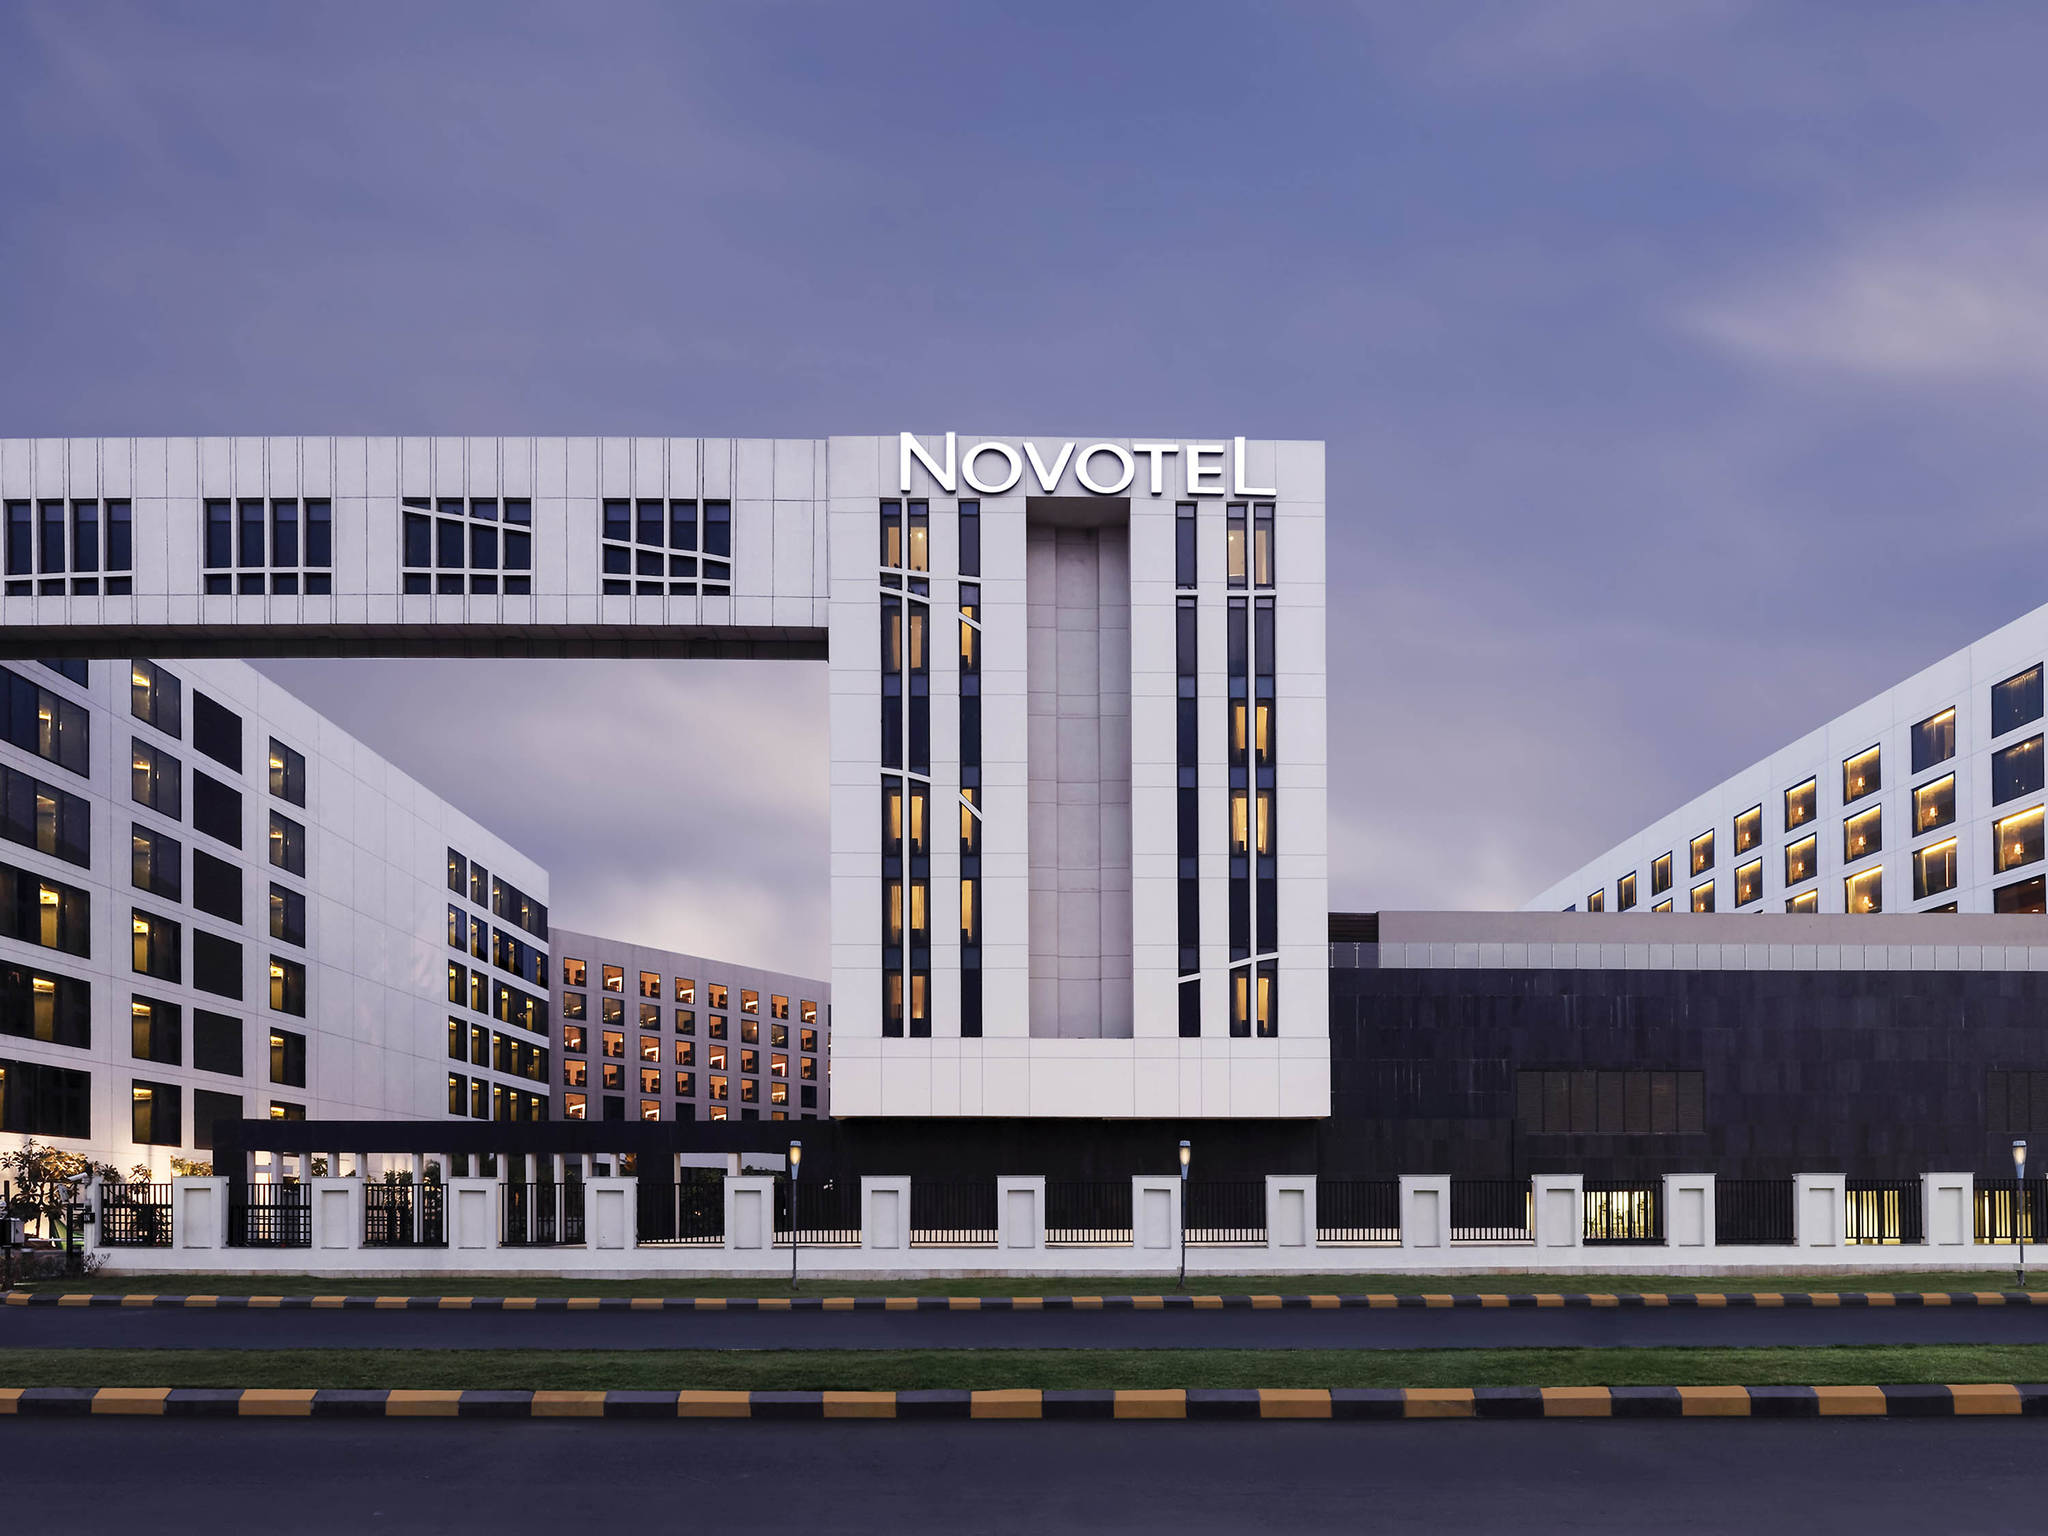 Novotel City Hotel